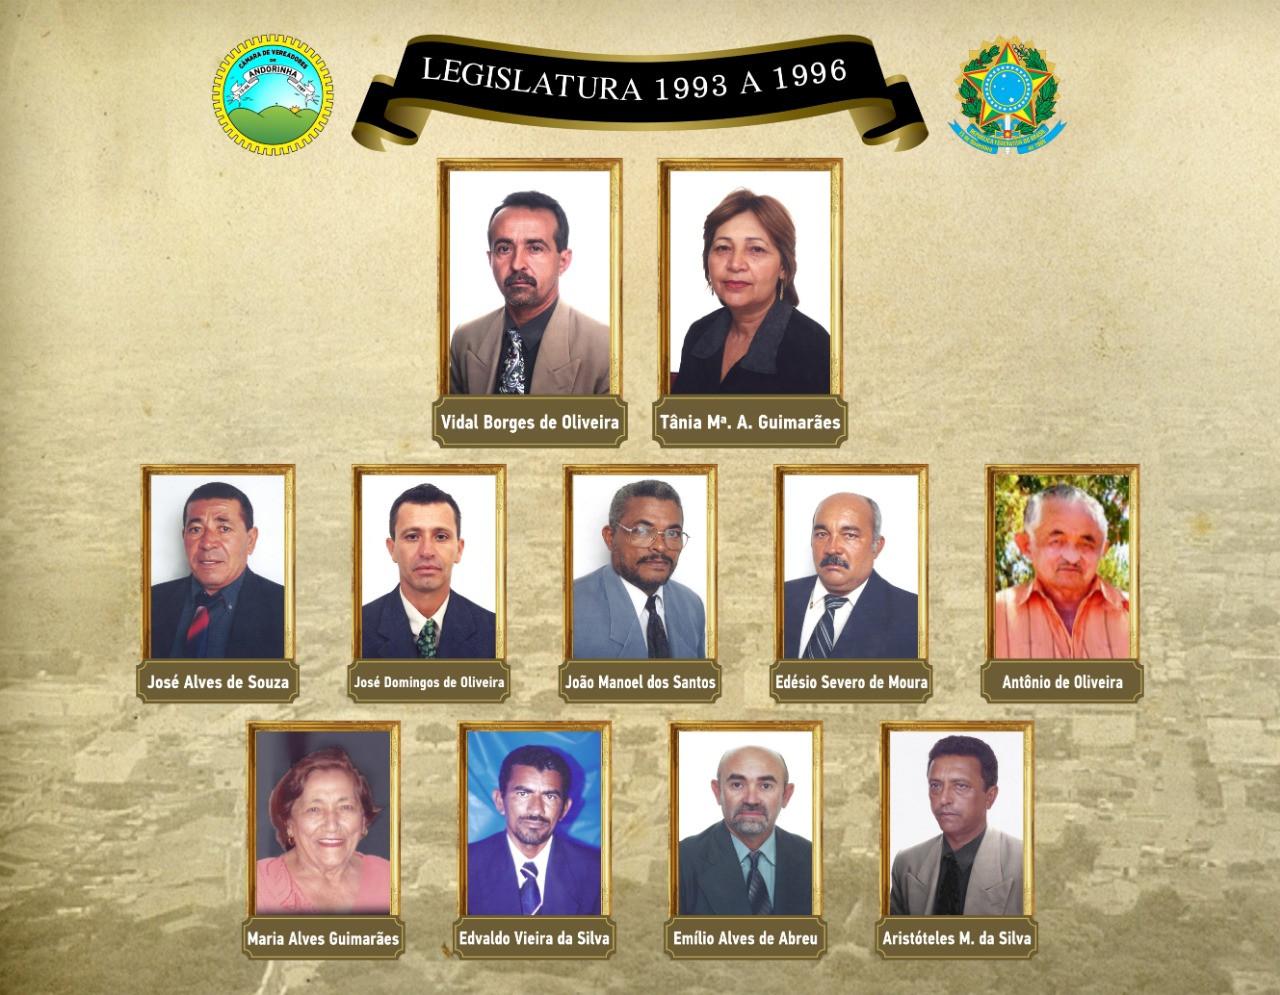 Legislatura 1993 A 1996